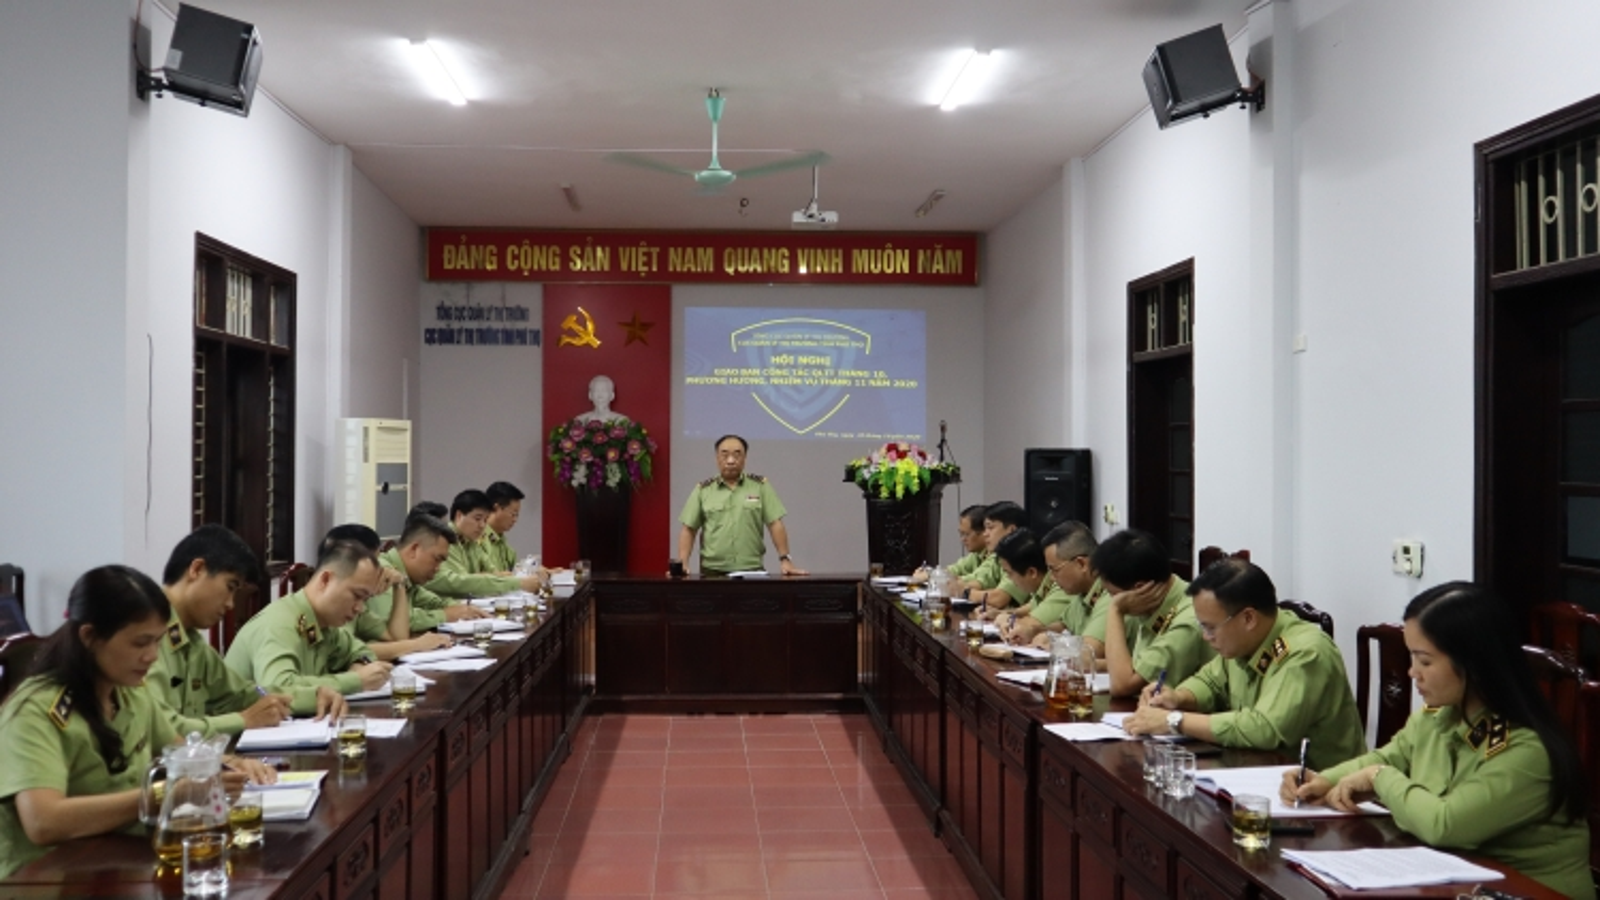 Đình chỉ công tác 4 công chức Quản lý thị trường Phú Thọ